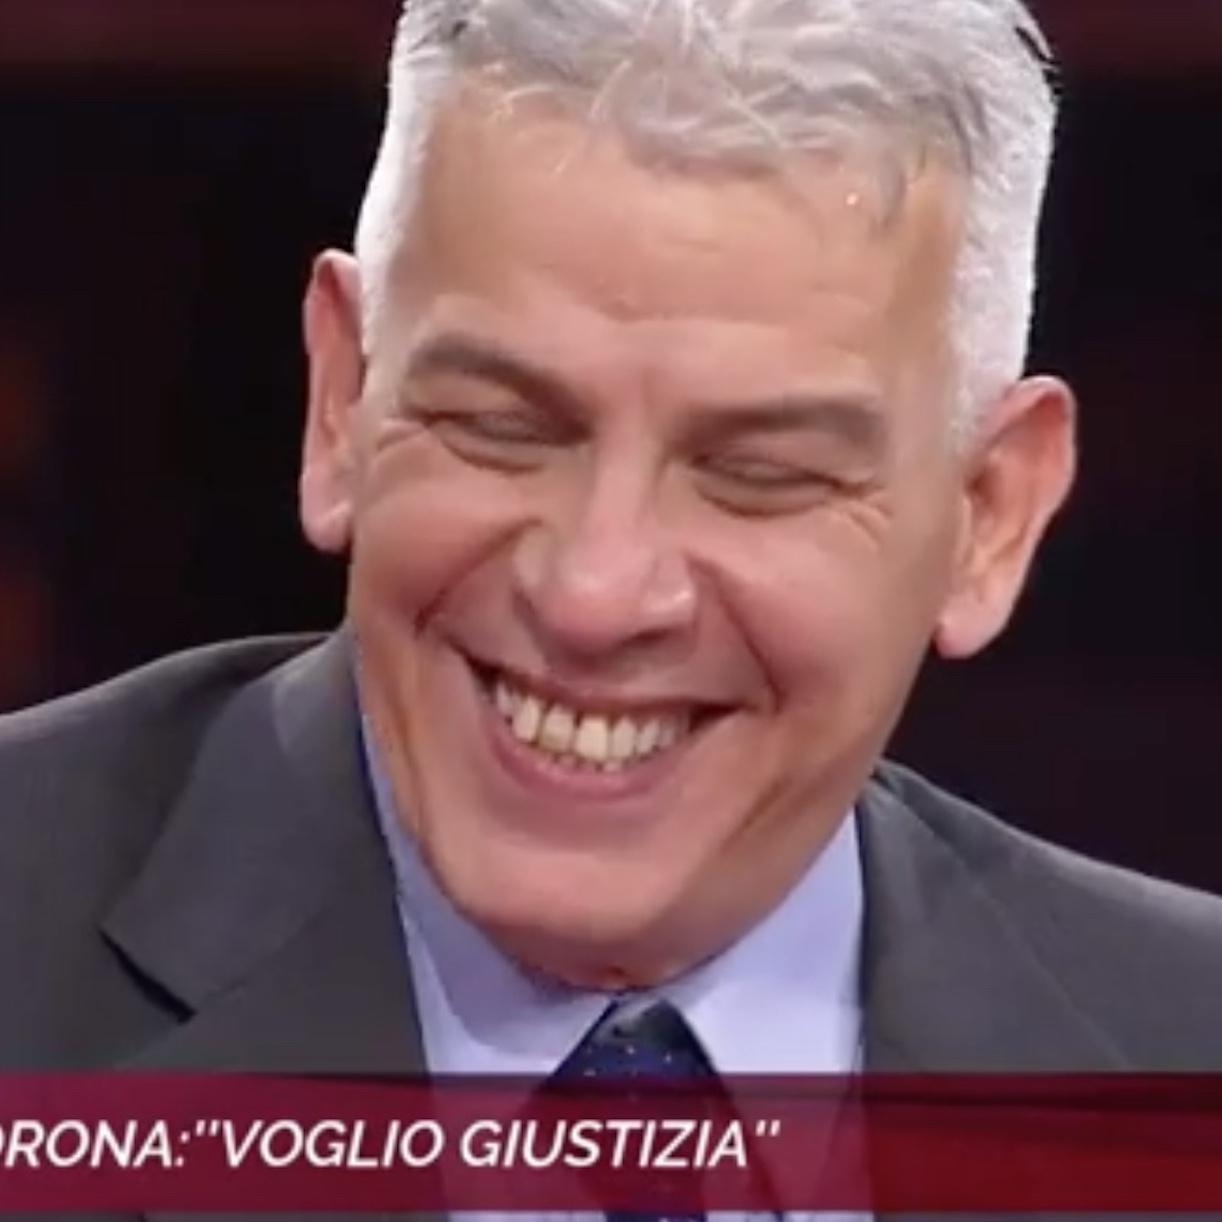 Fabrizio Corona scontro telese non è l'arena